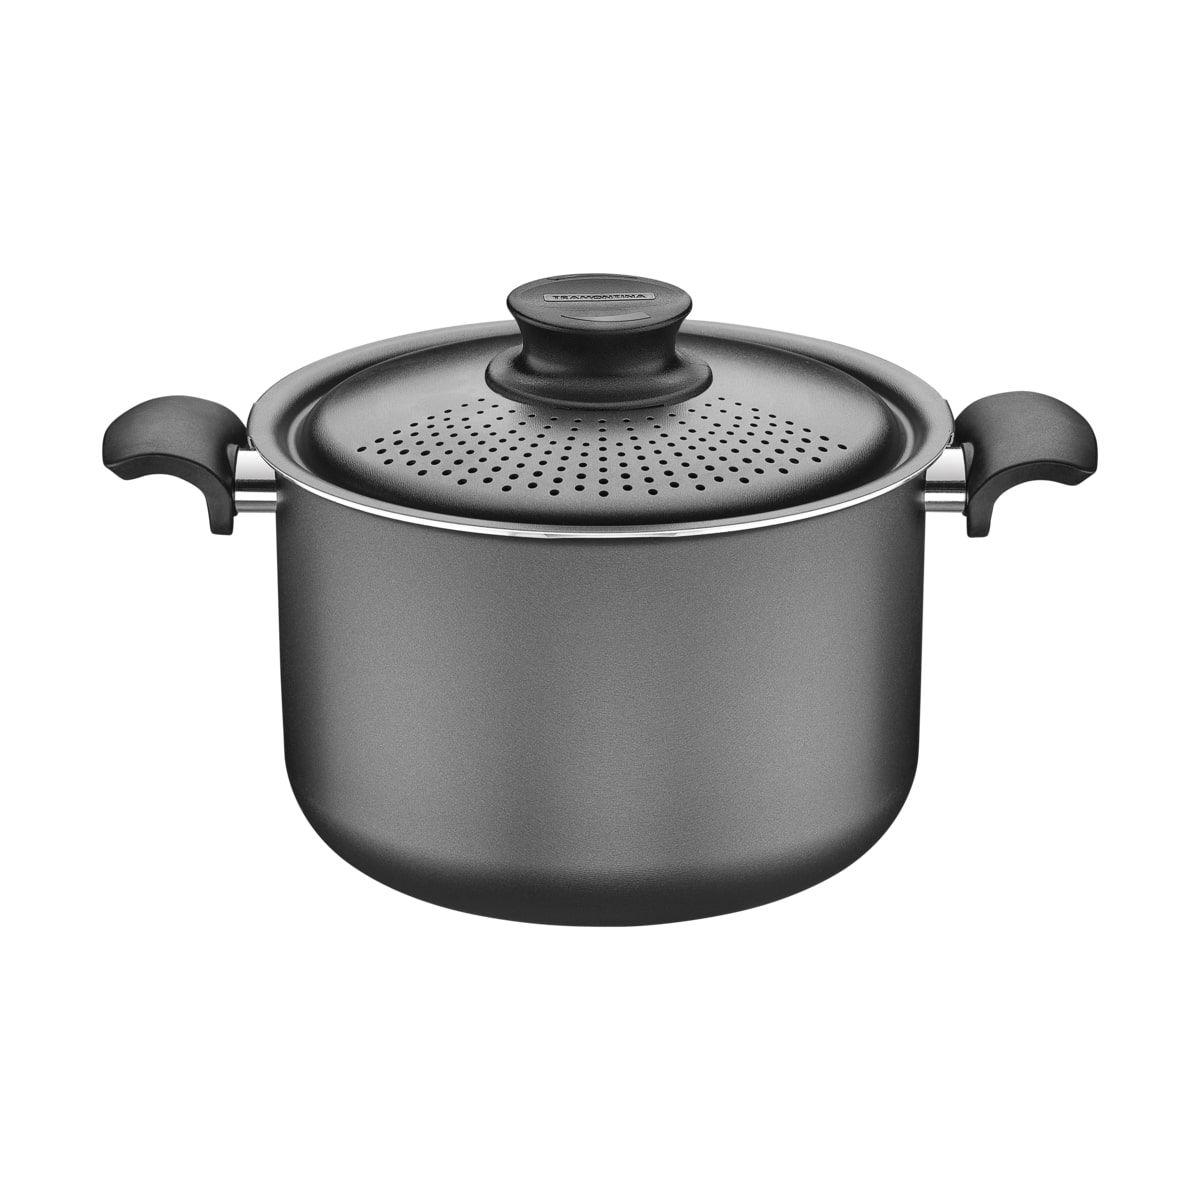 Espagueteira de alumínio com revestimento interno de antiaderente 24cm